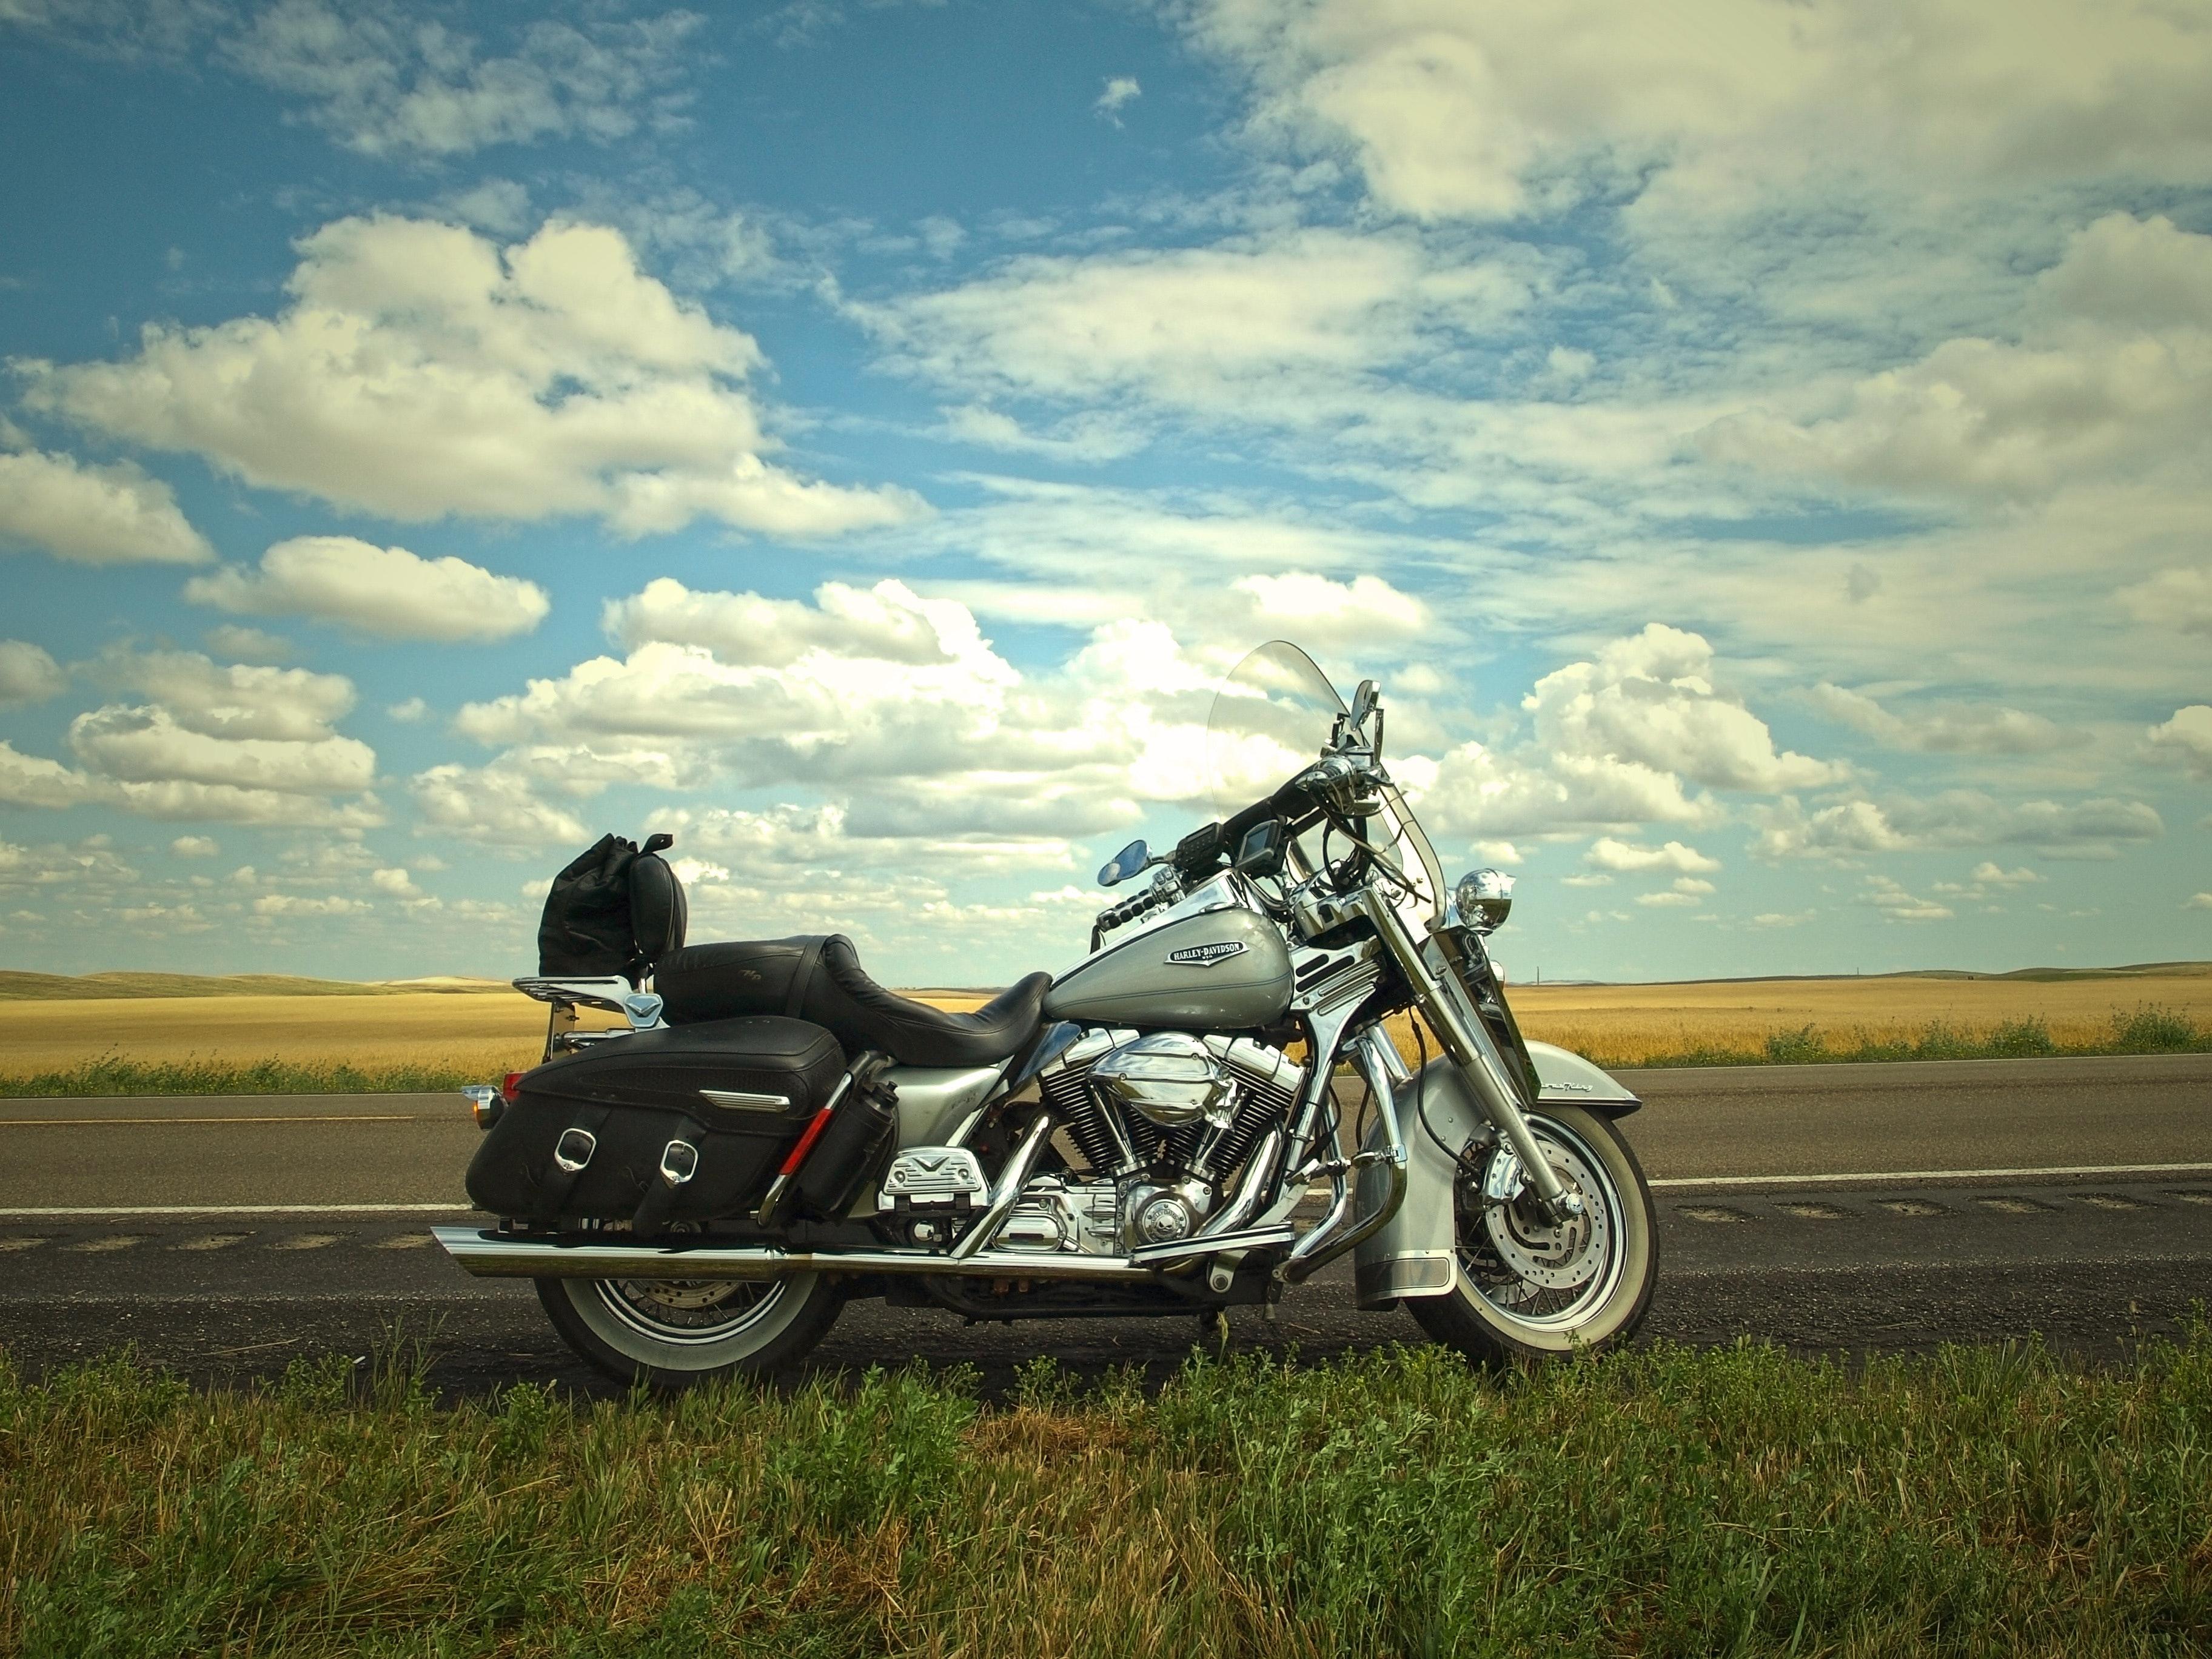 Parkerad motorcykel på vägkant